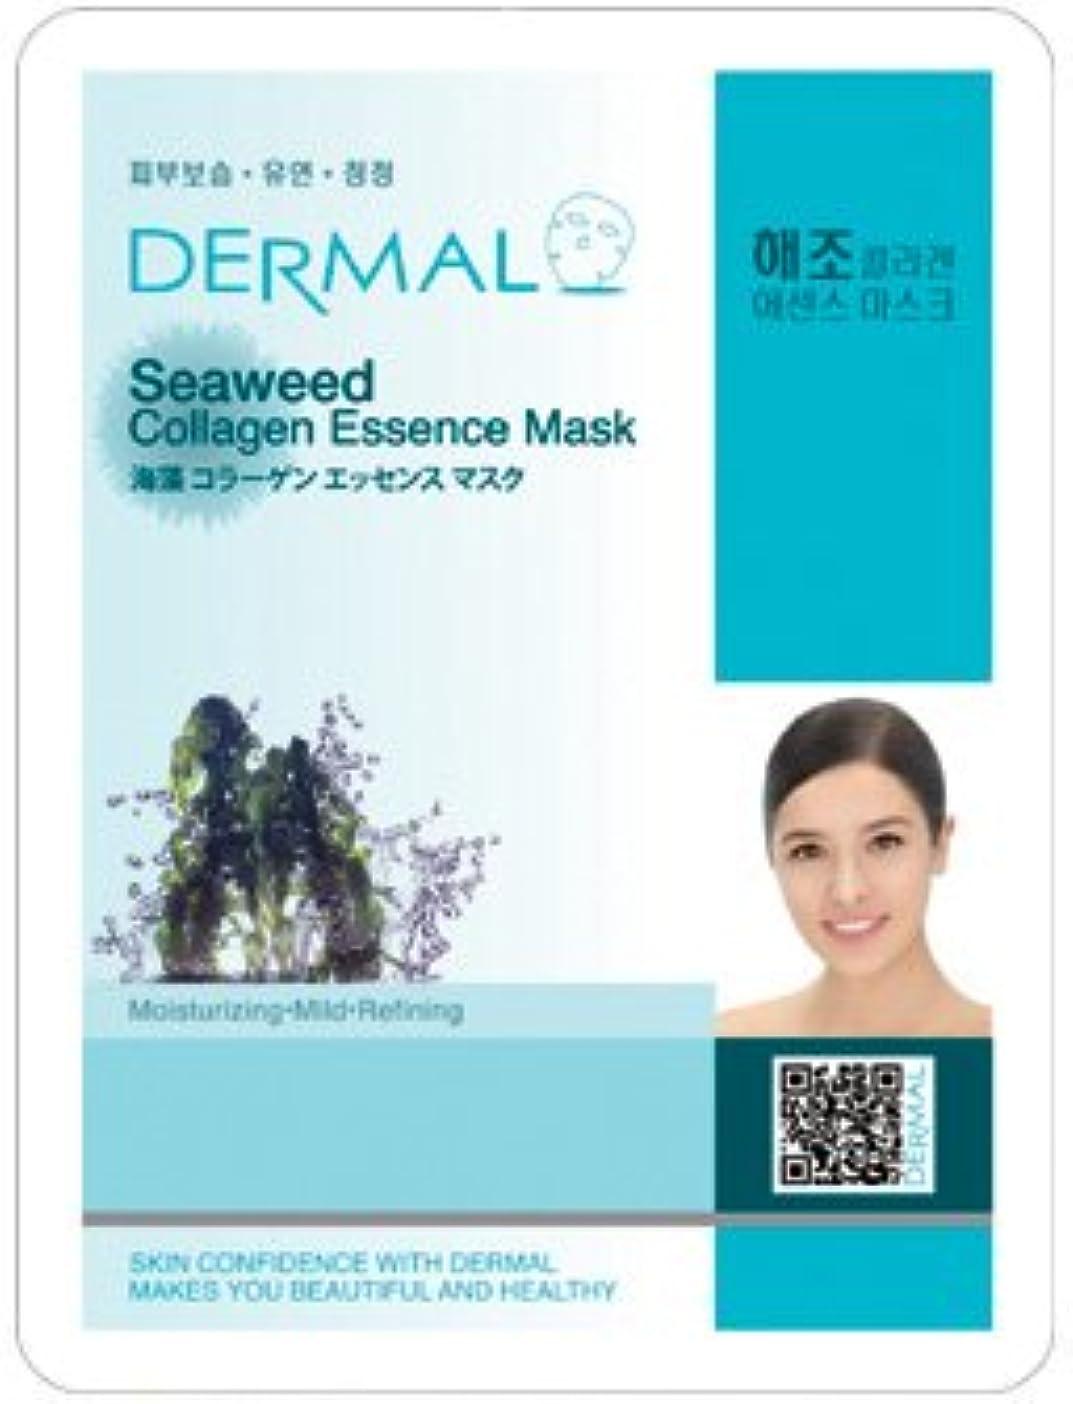 錆び剪断社会主義シートマスク 海藻 10枚セット ダーマル(Dermal) フェイス パック